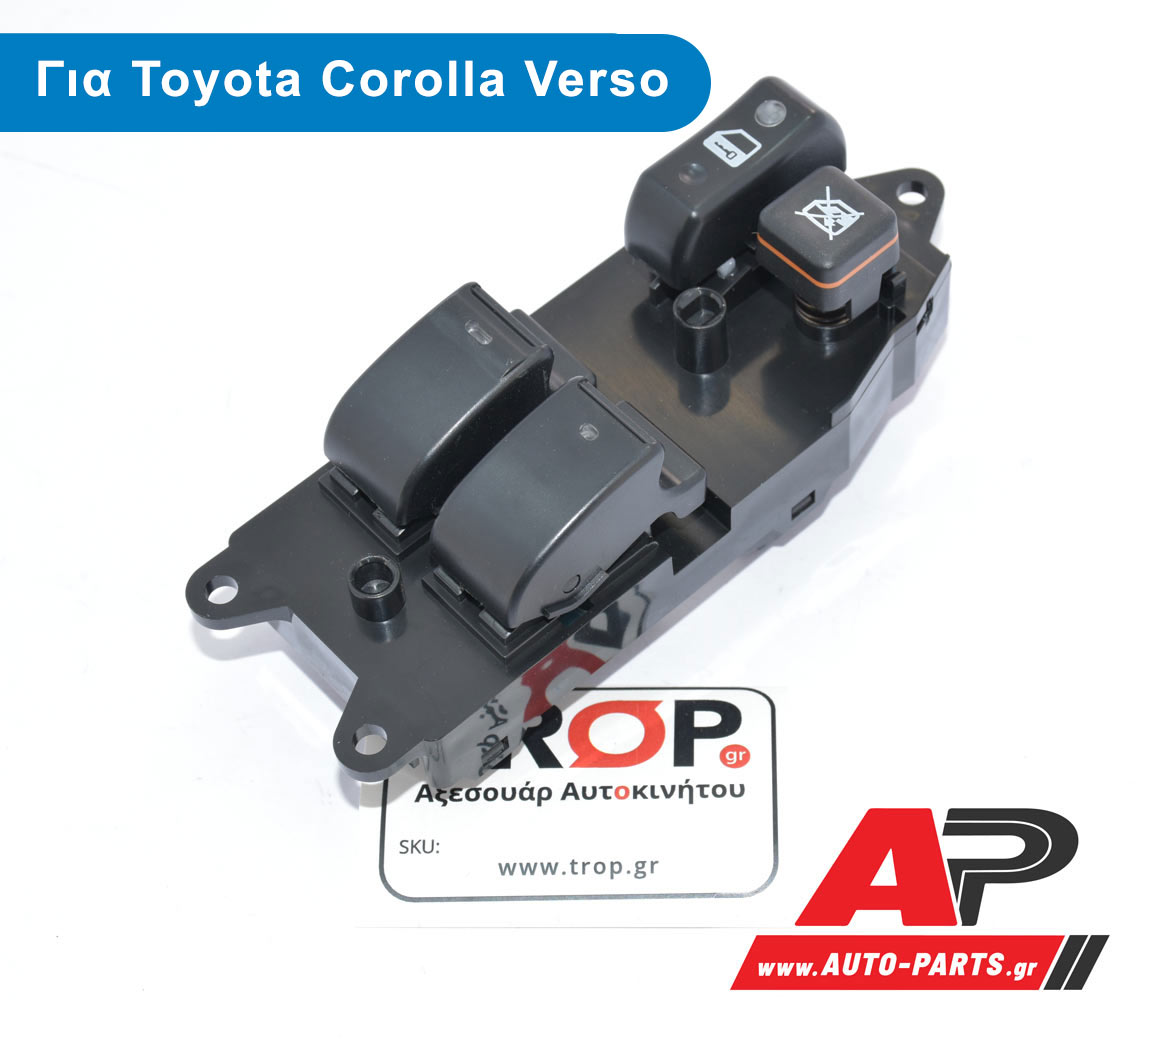 Διακόπτης Παραθύρων Διπλός για Corolla Verso Μοντ: 2002 - 2007 – Φωτογραφία από Trop.gr